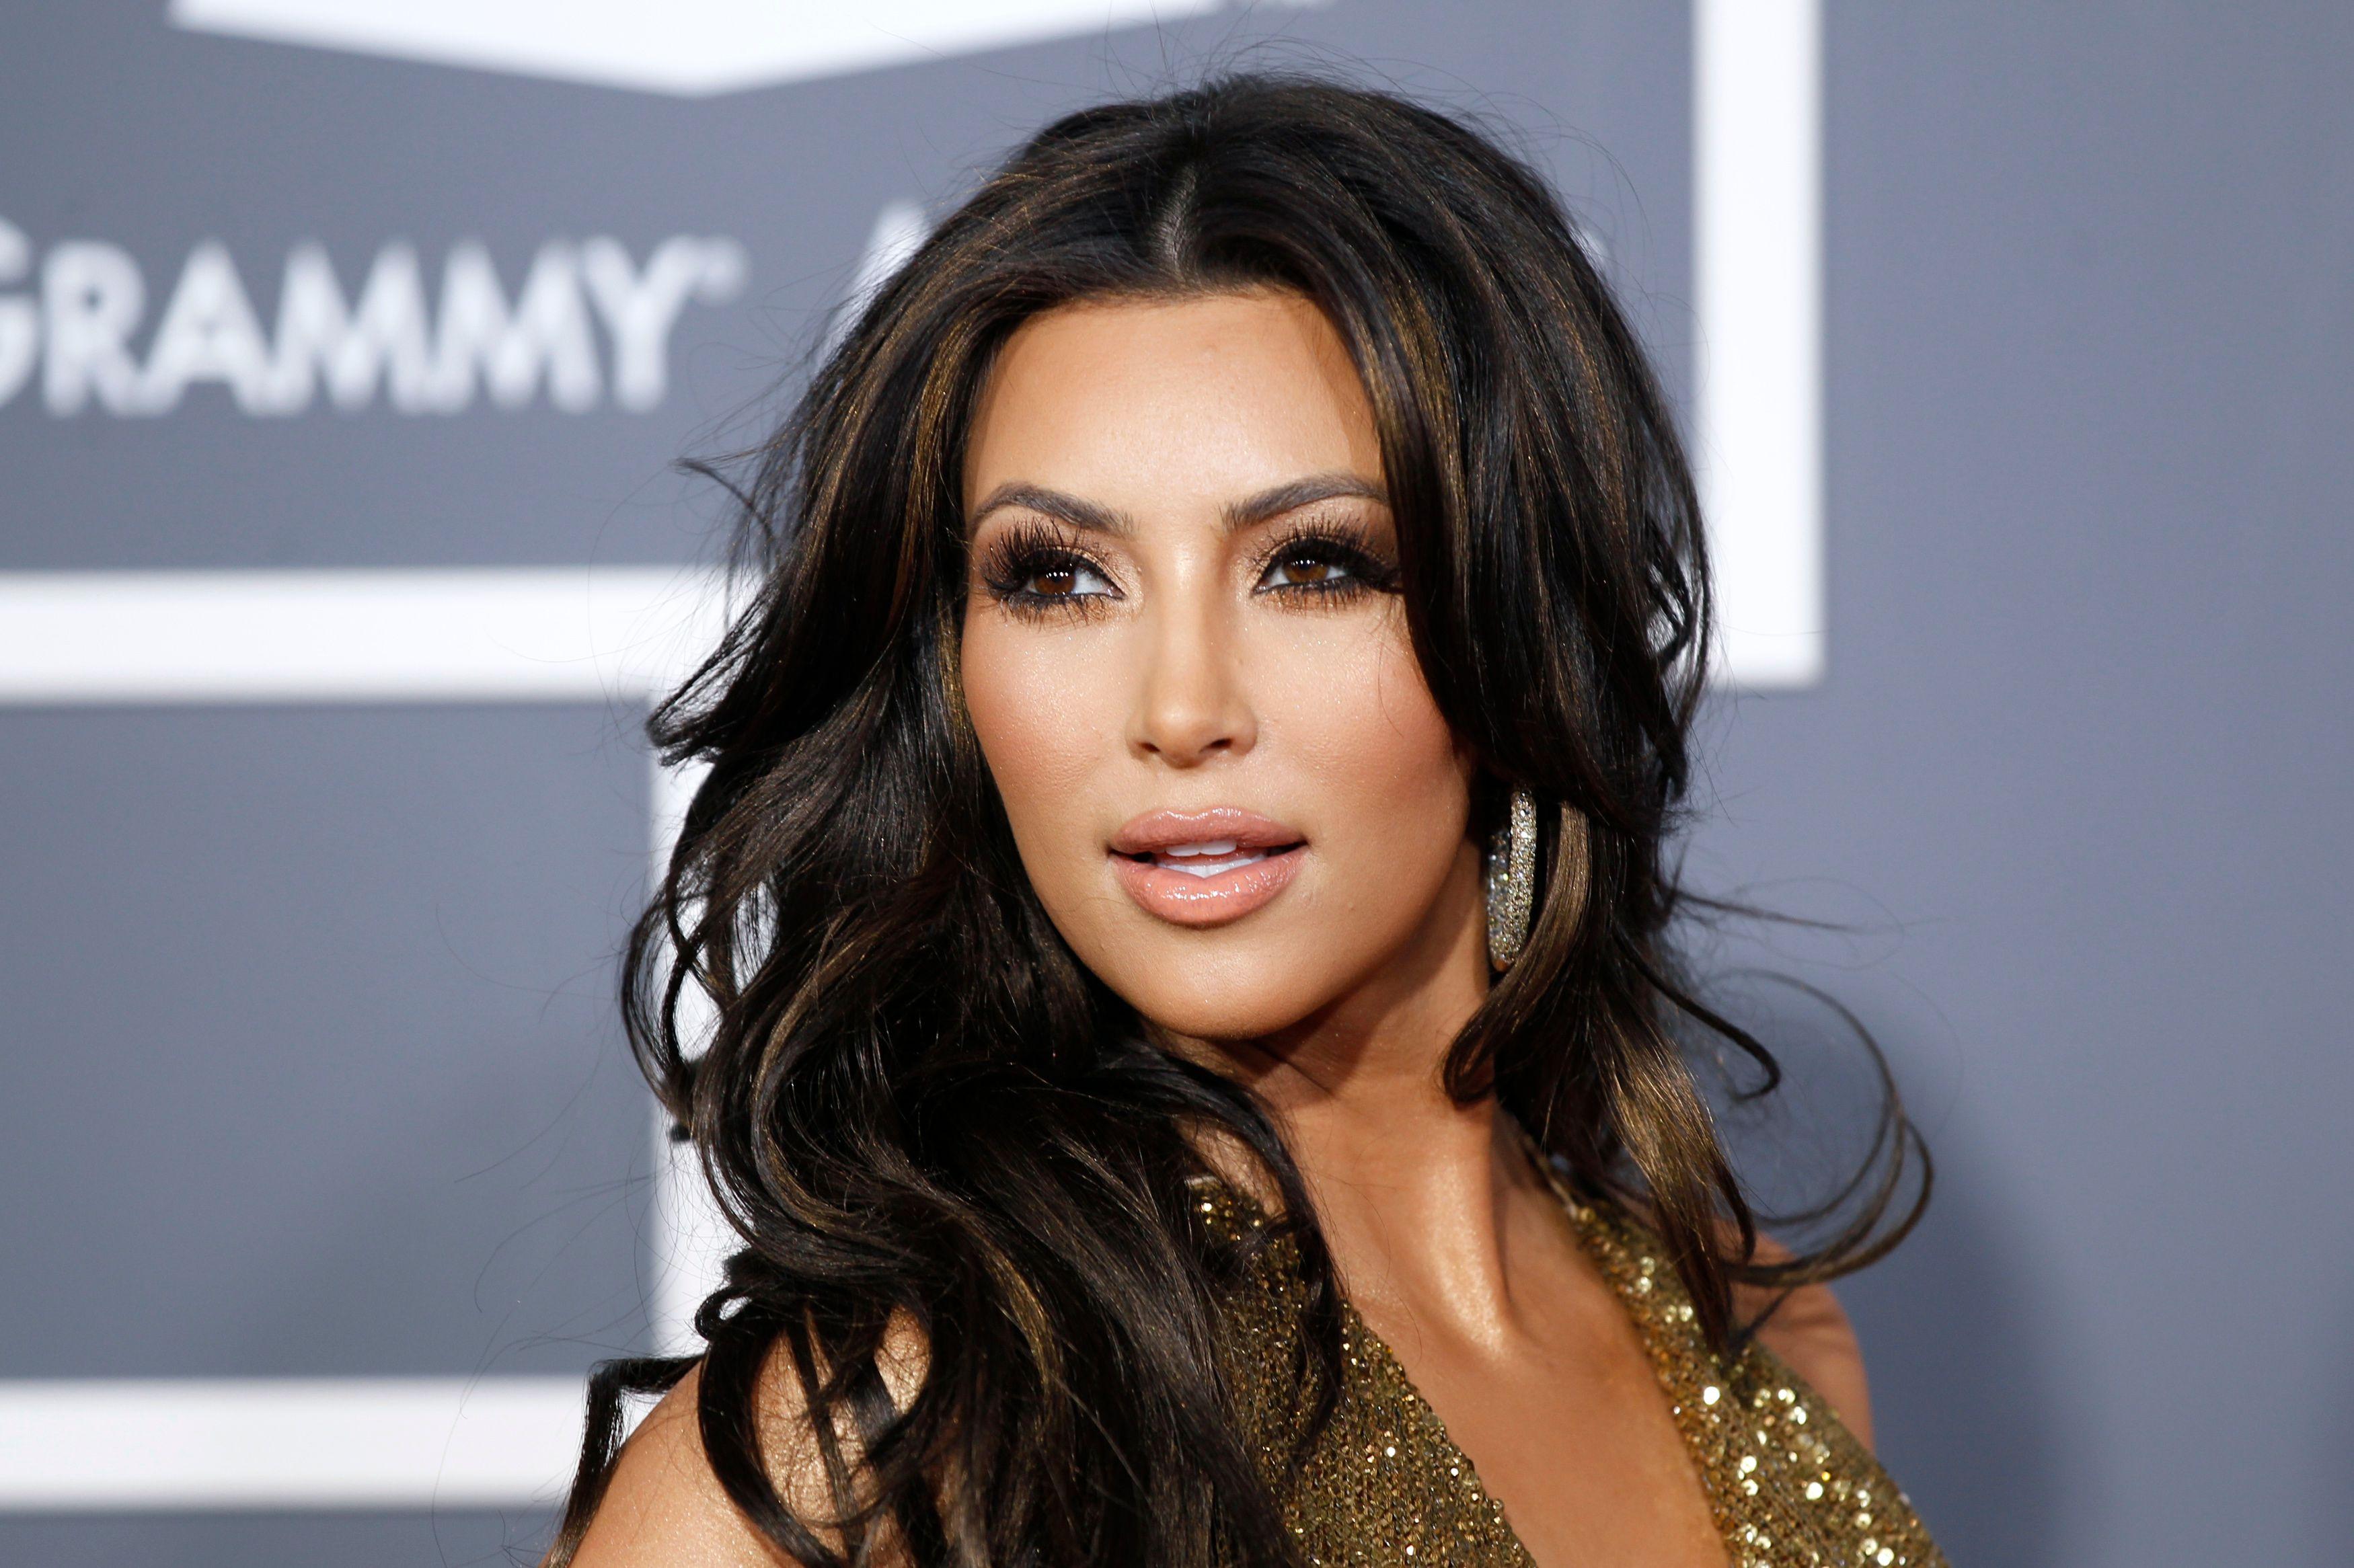 Certains fans de Kim Kardashian sont très bizarres...